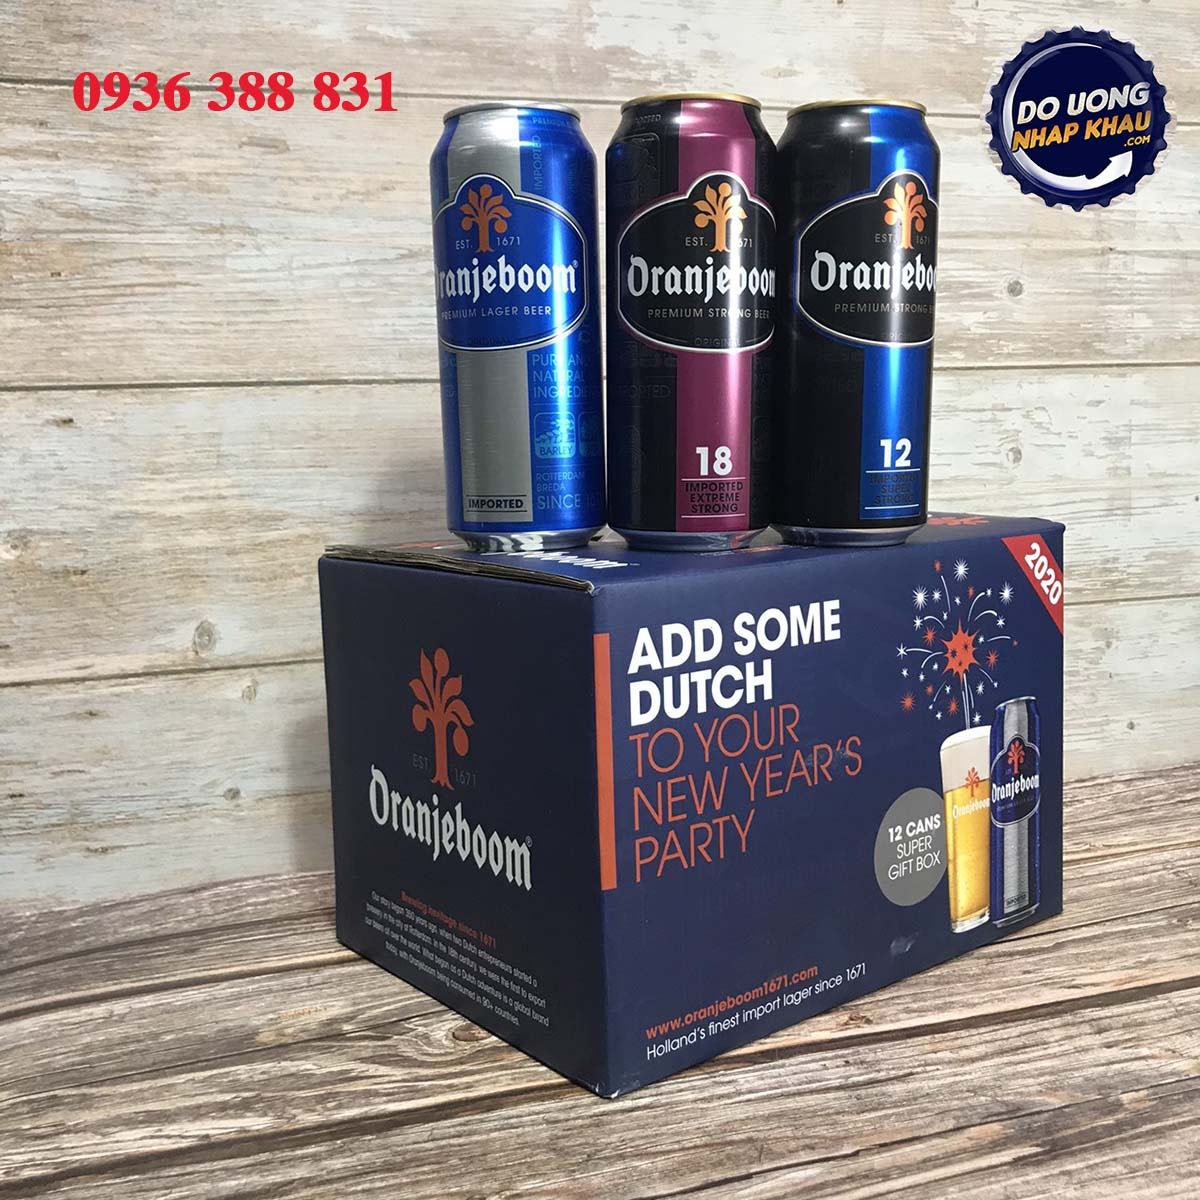 Hộp quà bia Oranjeboom Hà Lan